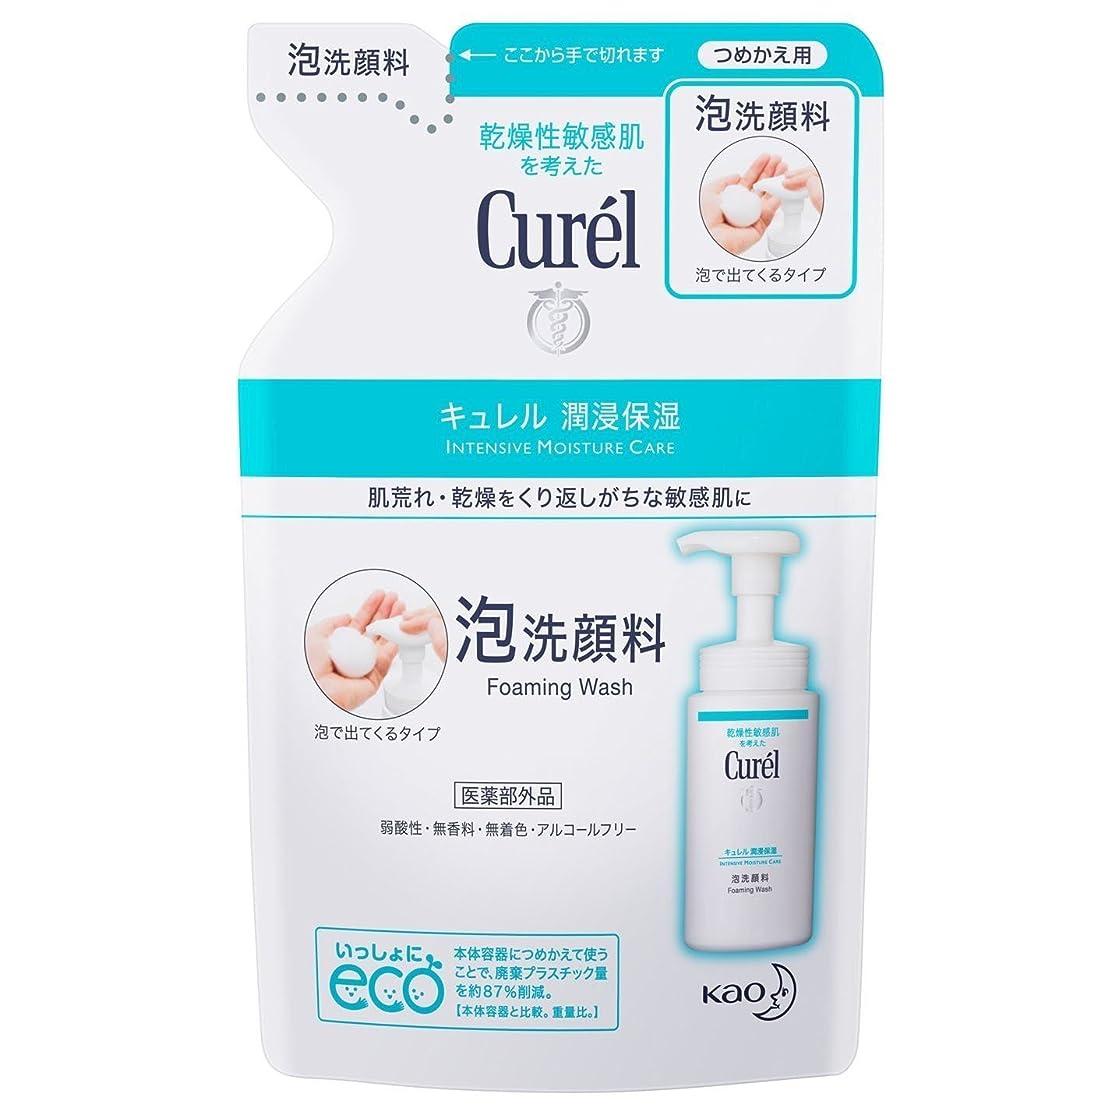 ベンチャーホールドモットー【花王】Curel(キュレル) 泡洗顔料 つめかえ用 130ml ×5個セット